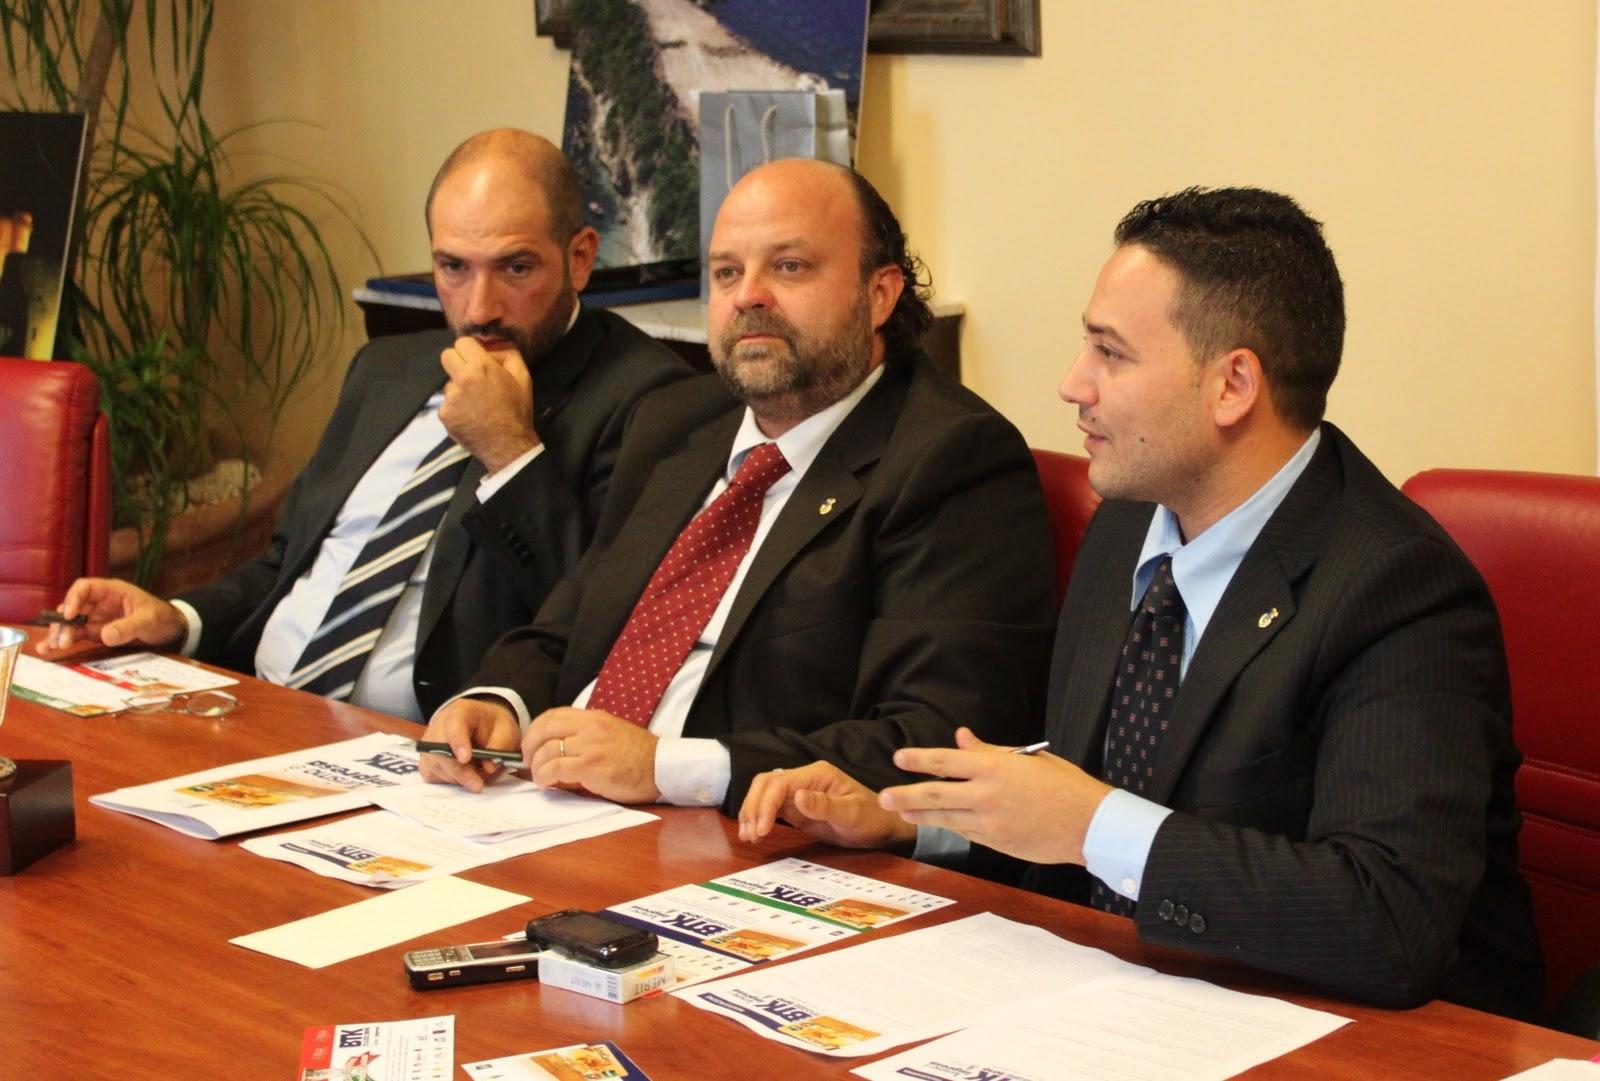 A dx Gianluca Bruno, ex vice presidente della Provincia di Crotone con il suo ex collega Gianluca Marino (indagato per voto di scambio) e, al centro, il presidente della Provincia di Crotone, Stano Zurlo. Foto dalla rete